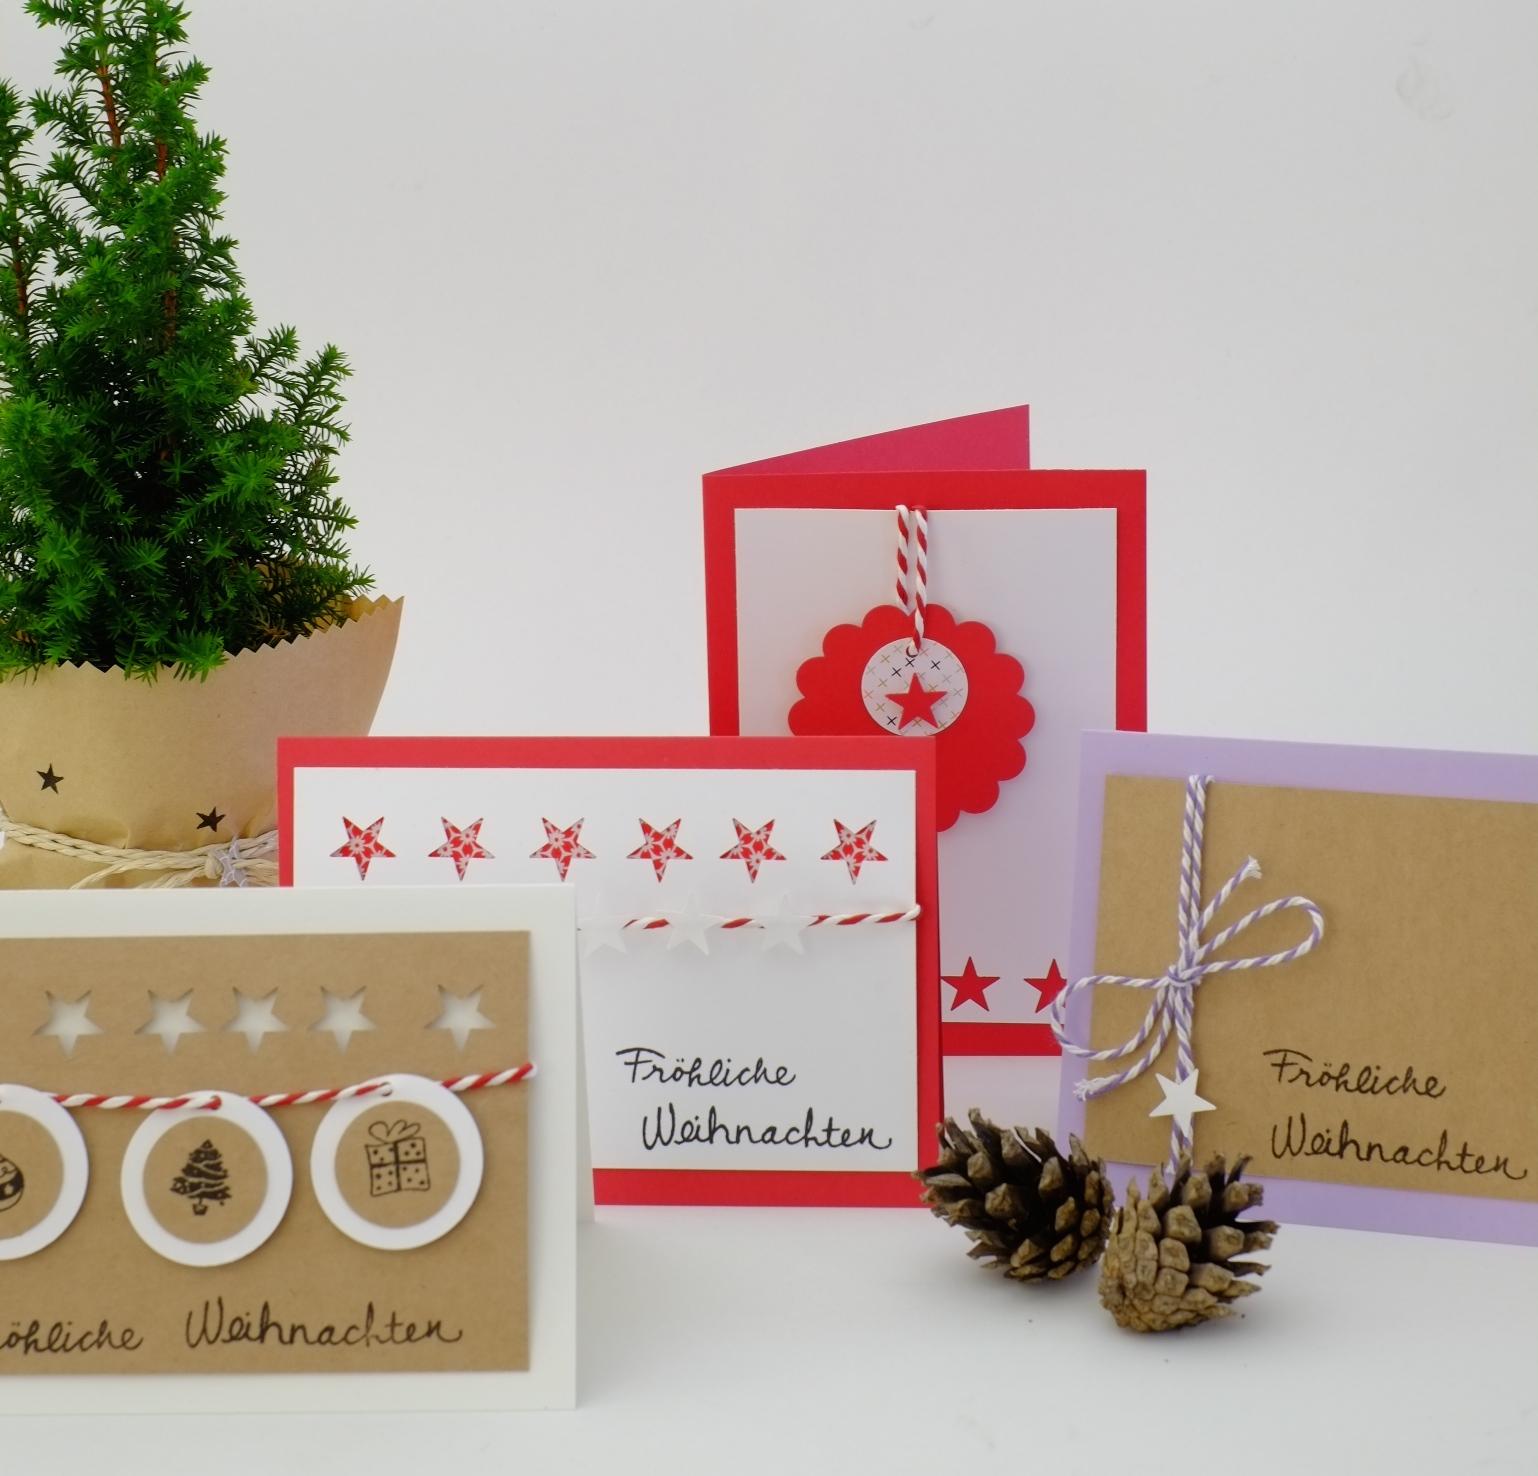 weihnachtskarten herr und frau krauss shop und blog. Black Bedroom Furniture Sets. Home Design Ideas